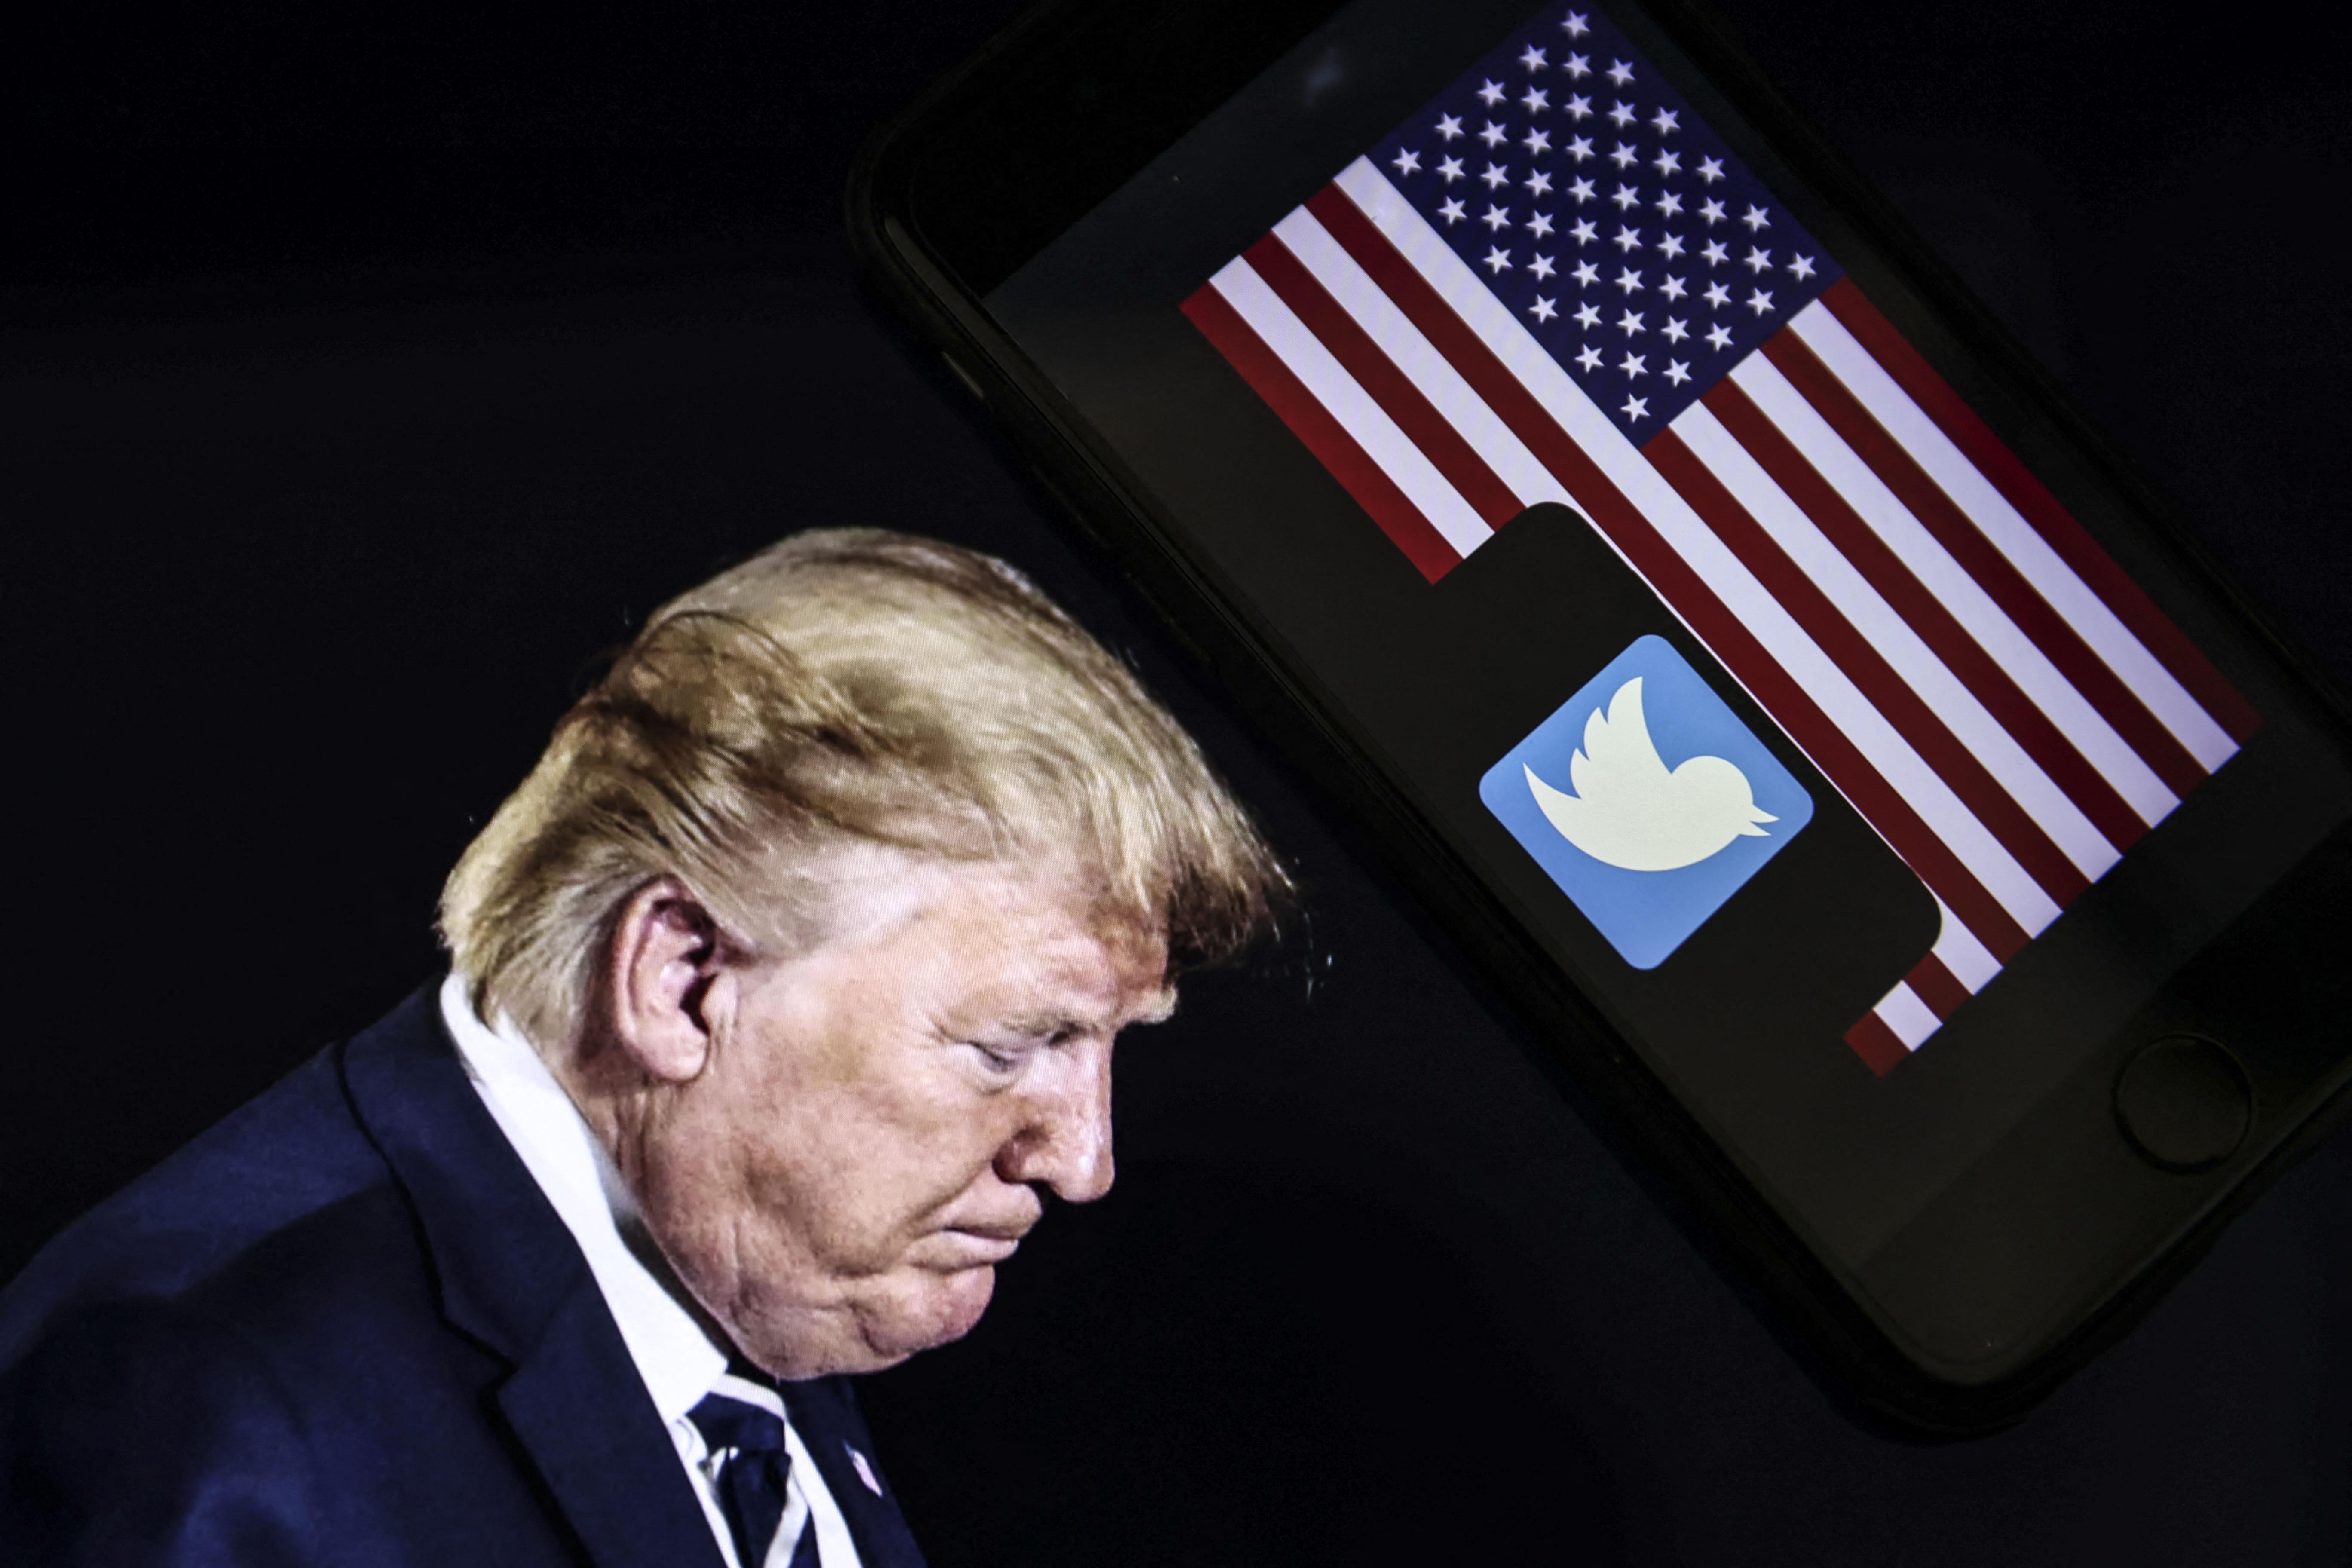 Trump saját közösségi oldallal térne vissza